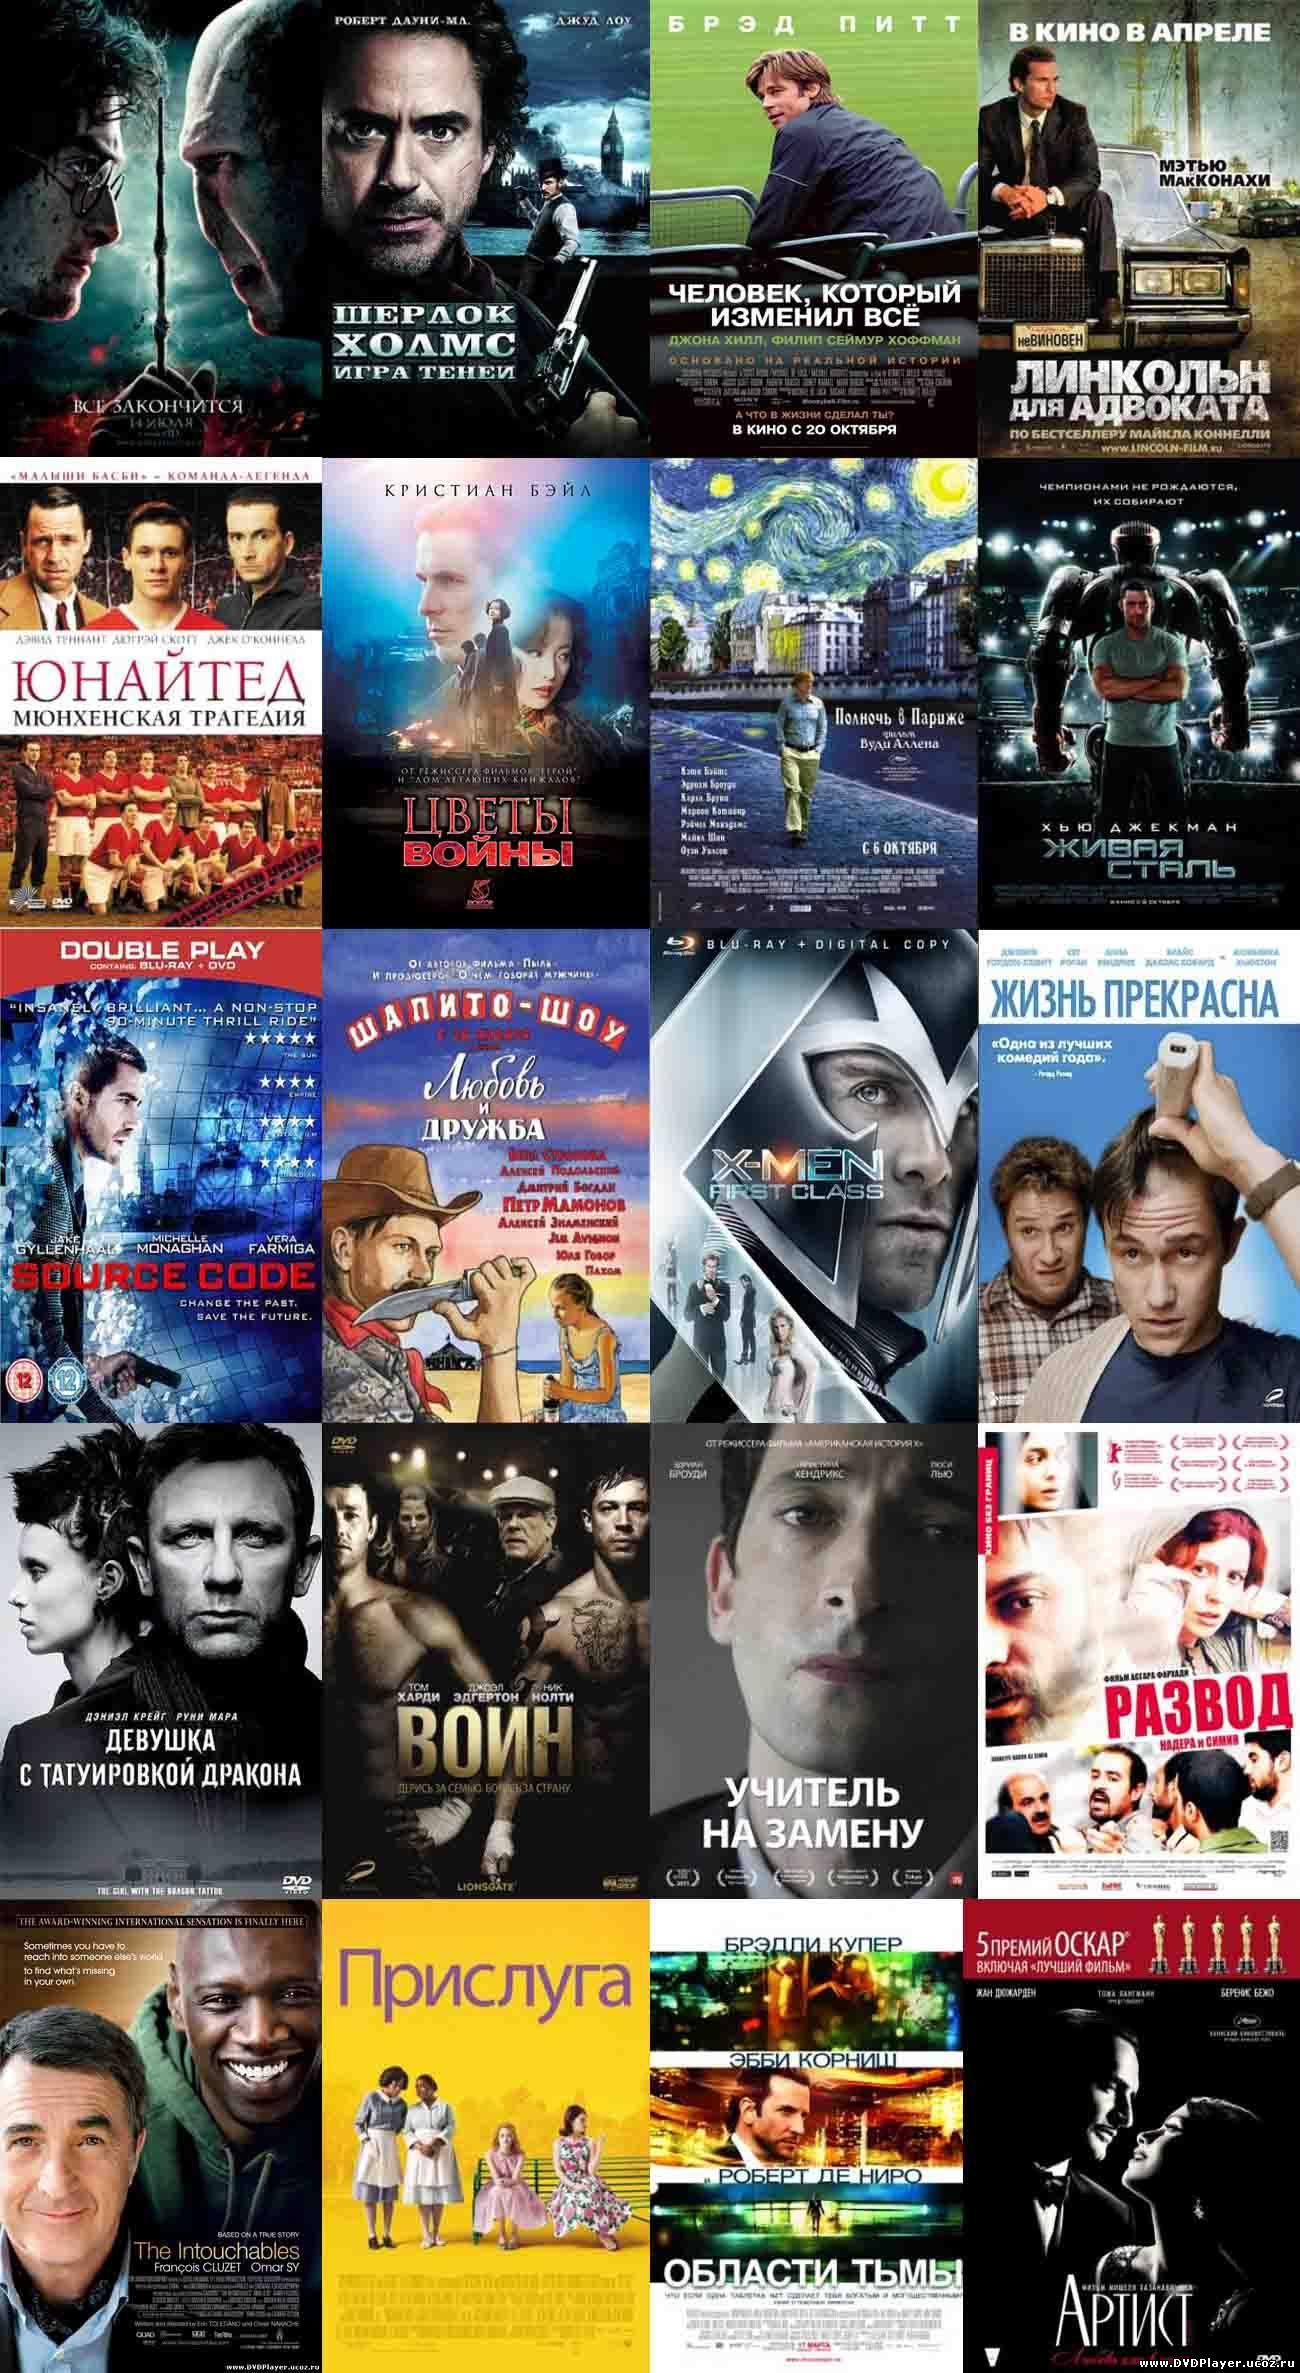 Смотреть онлайн 20 лучших фильмов 2011 года по версии Кинопоиск